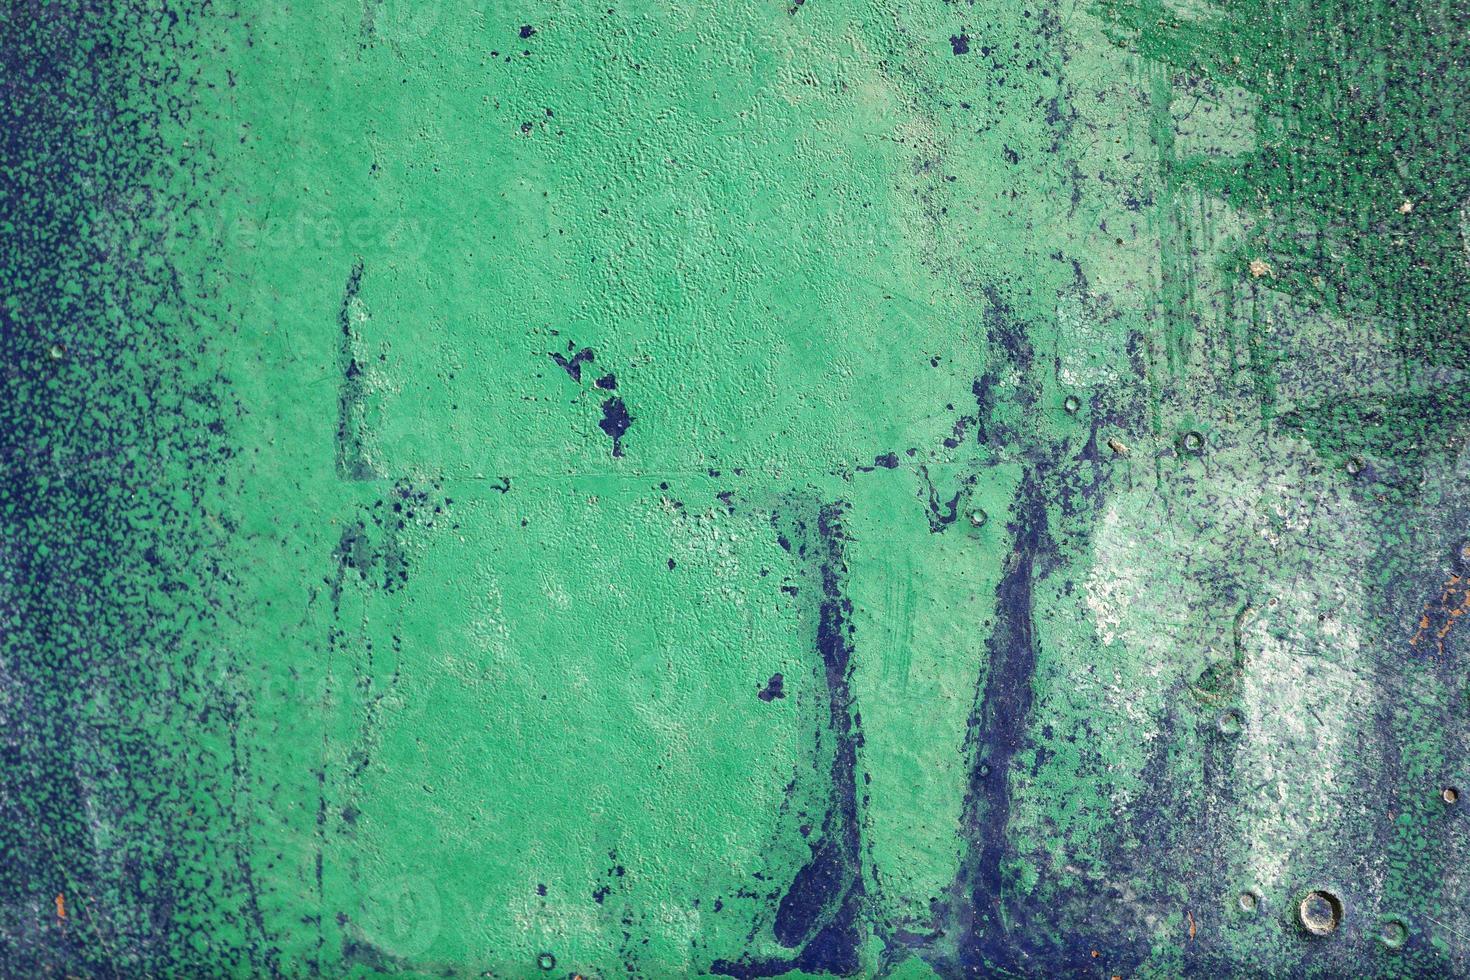 heisere, zerkratzte und geschälte Oberfläche mit grüner und blauer Farbe foto